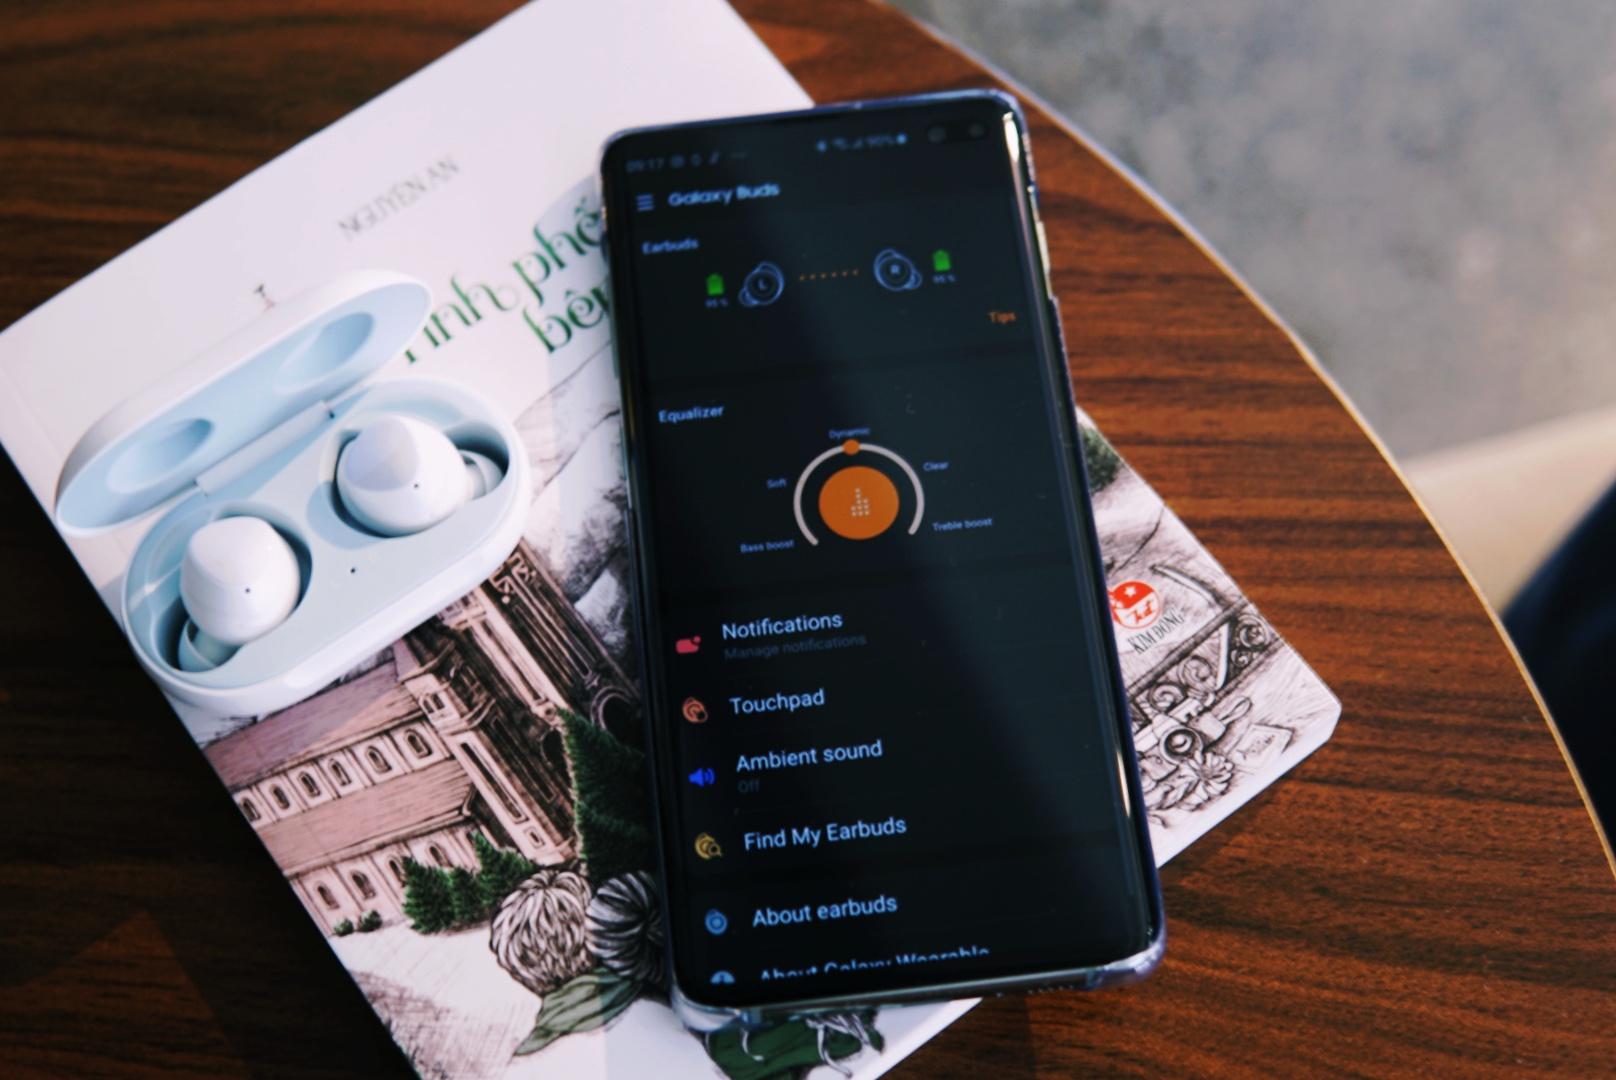 Đánh giá Galaxy Buds: chất âm AKG, kết nối thông minh, sạc không dây, món quà giá trị khi đặt mua Galaxy S10 | S10+